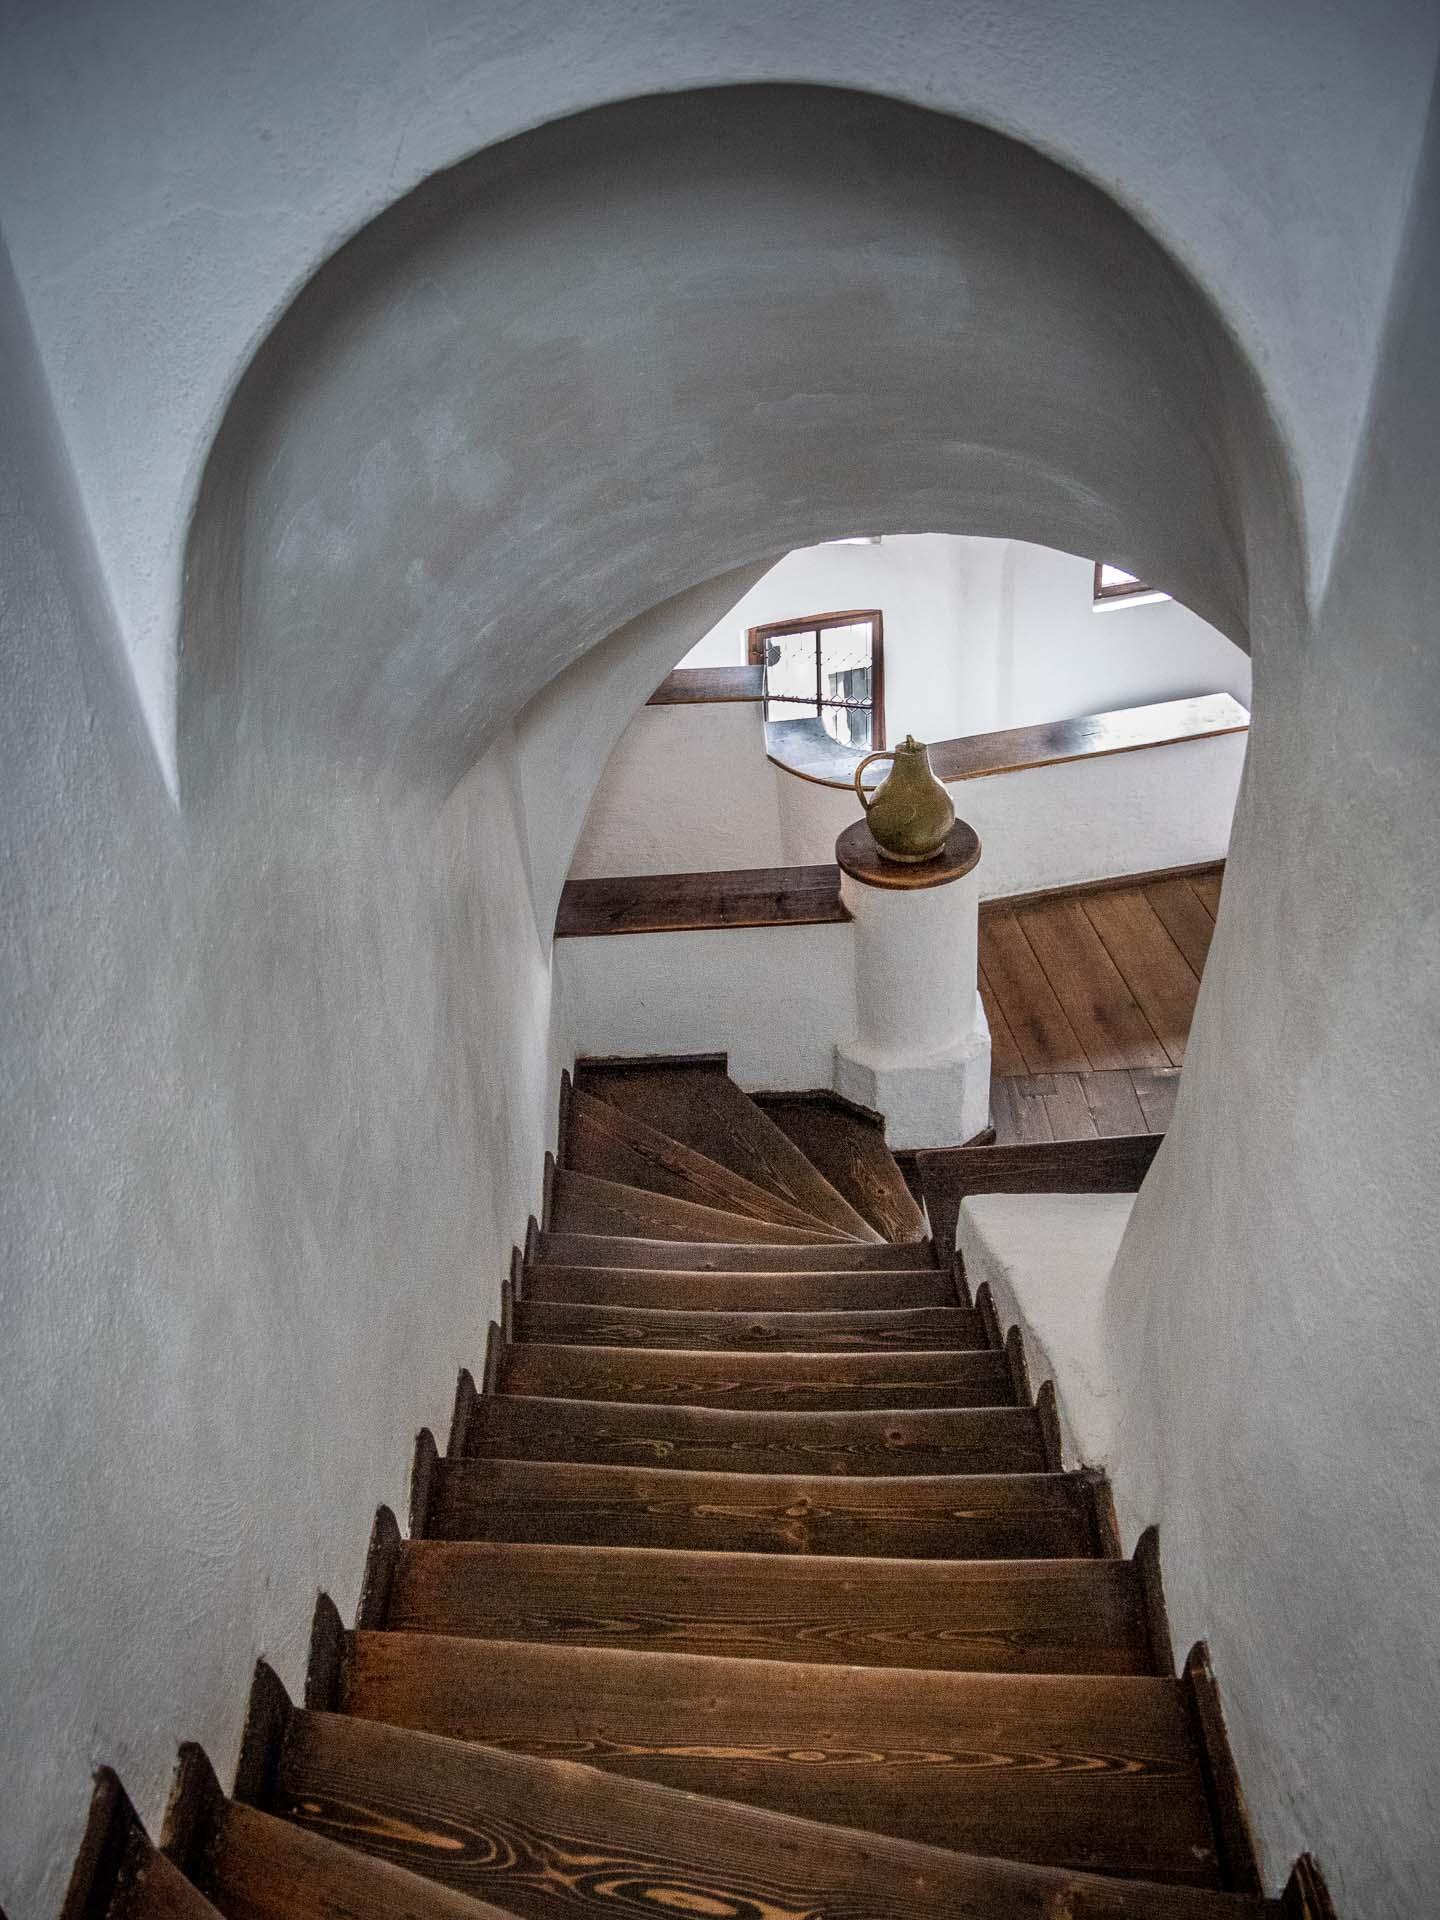 Tunnel inside the Bran Castle